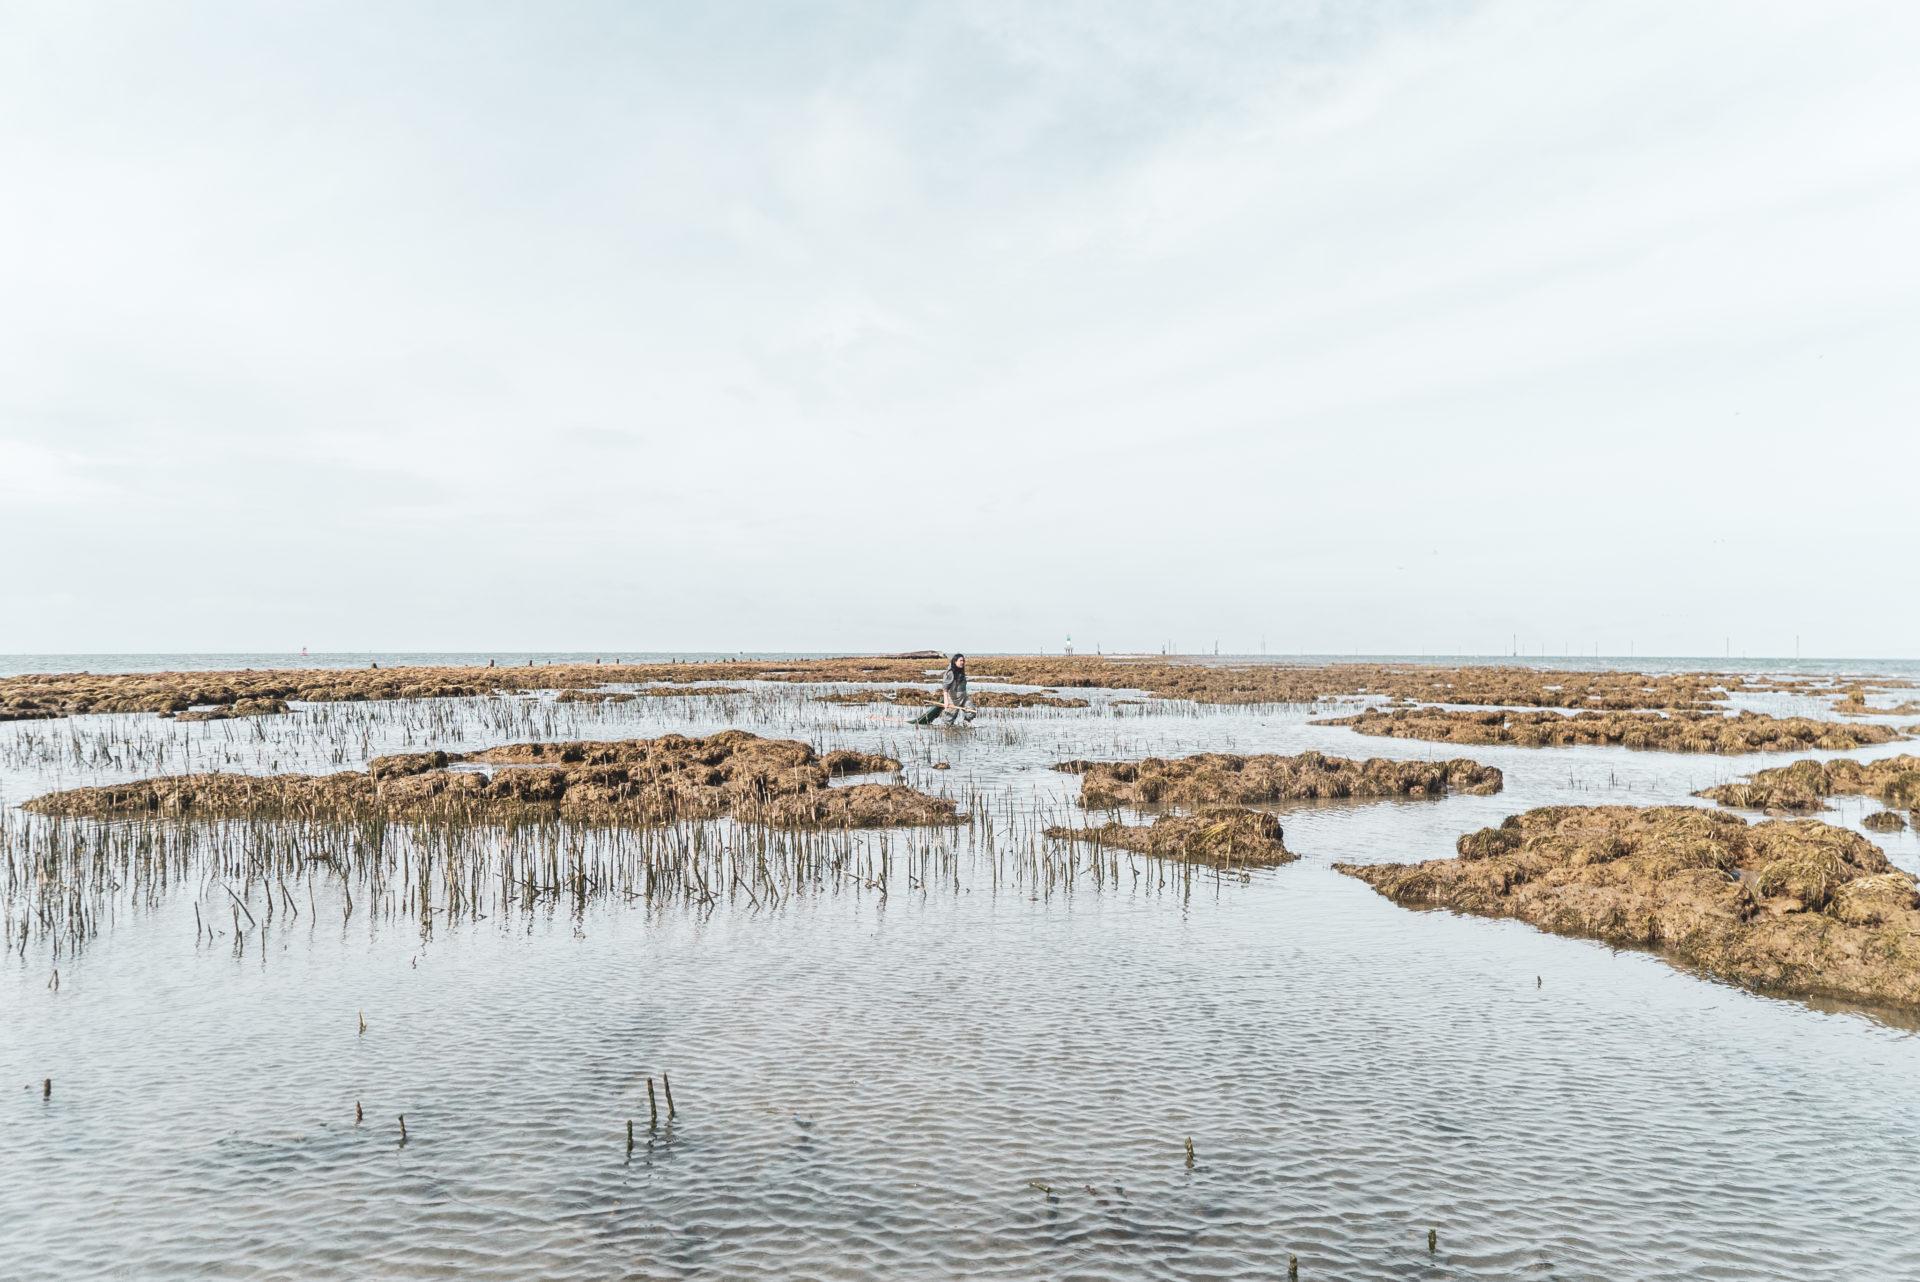 Steveston jetty